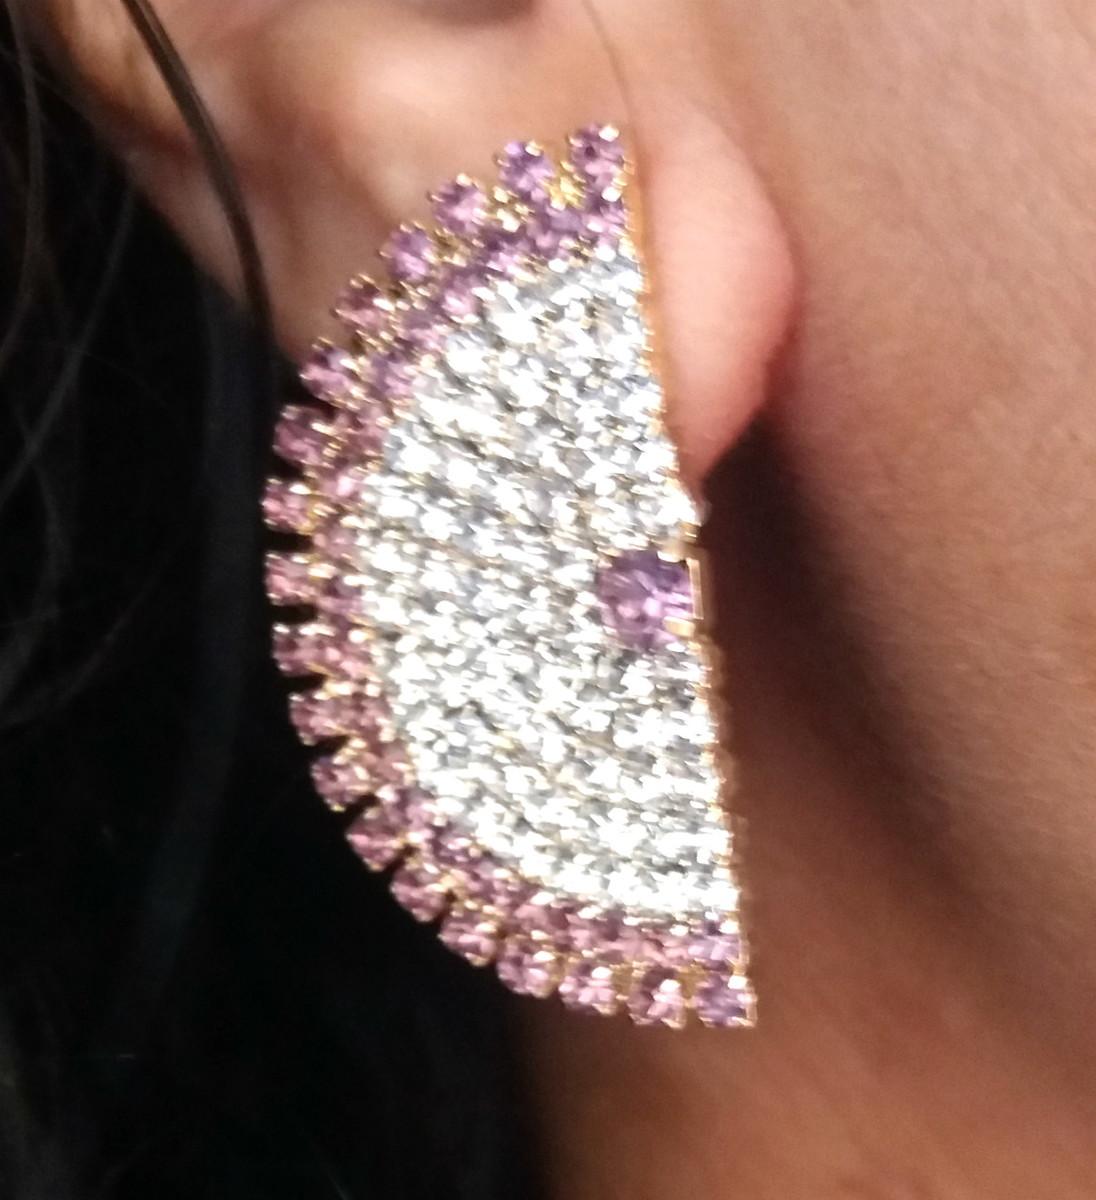 b0c38a4bb5087 Brinco Ear Cuff Delicado Semi Joia Folheado Em Ouro 18k no Elo7 ...